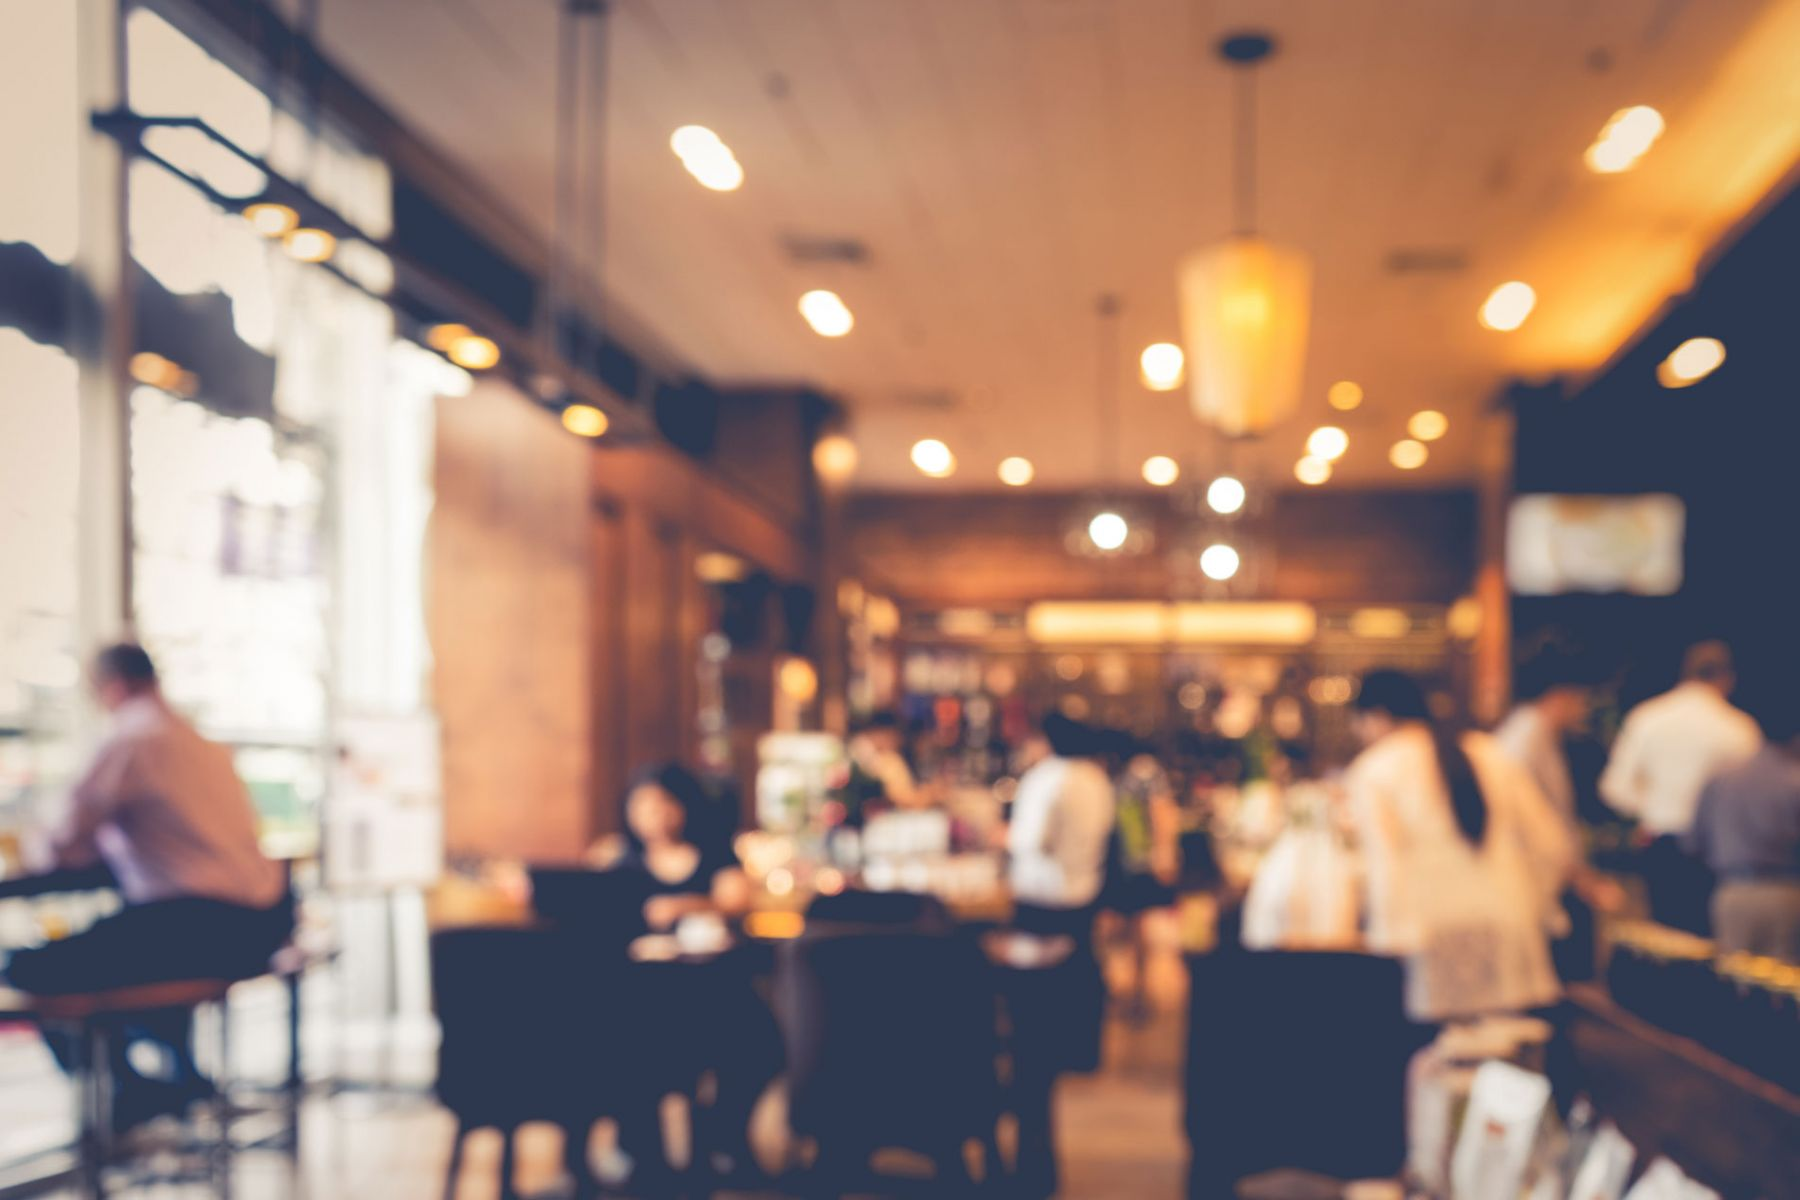 開餐廳的慘痛教訓:千萬不要去做外行的事